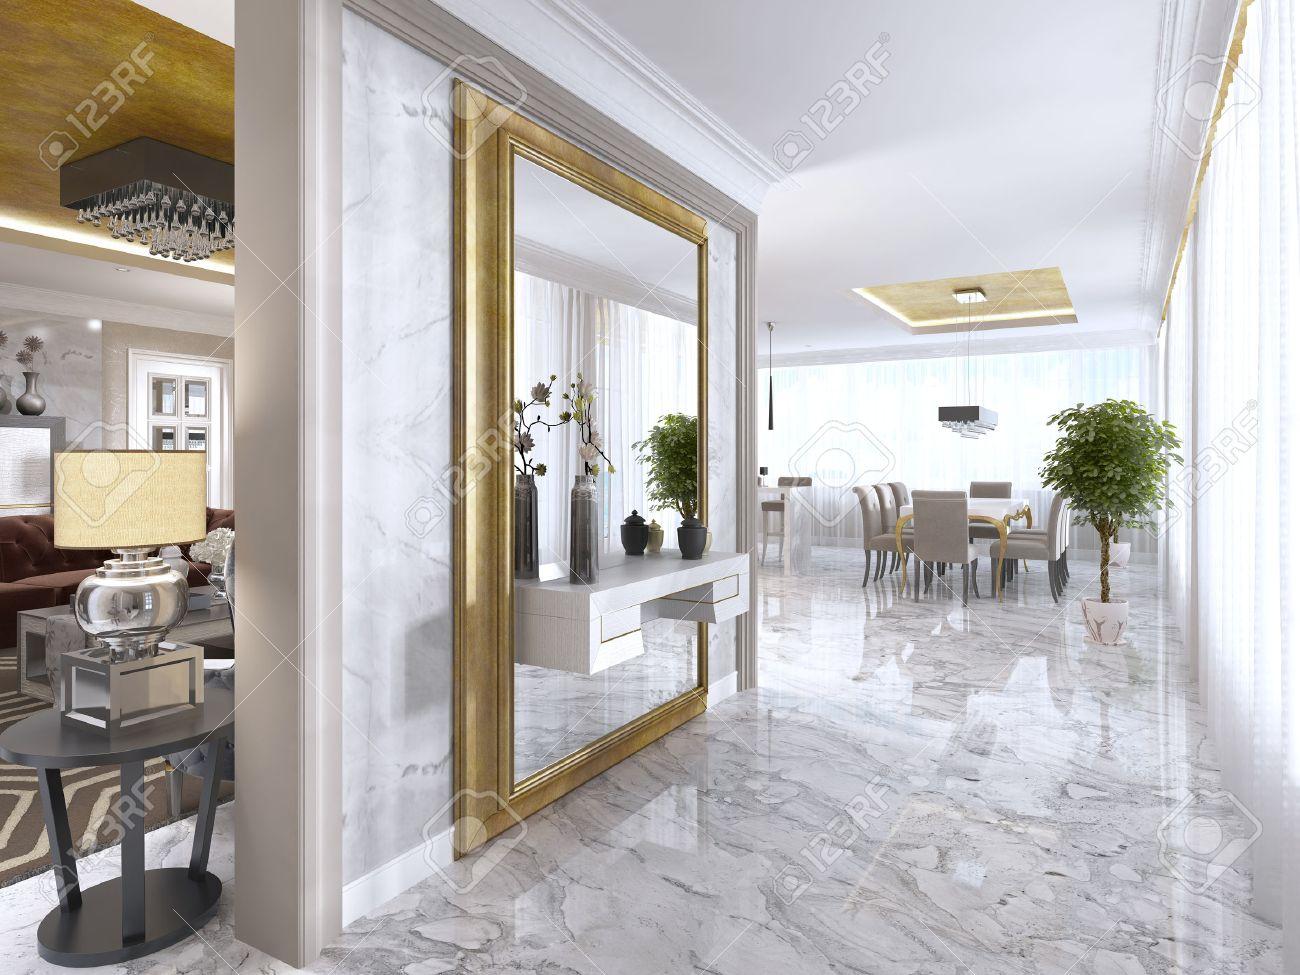 Luxuriose Art Deco Eingang Mit Einem Grossen Designer Spiegel In